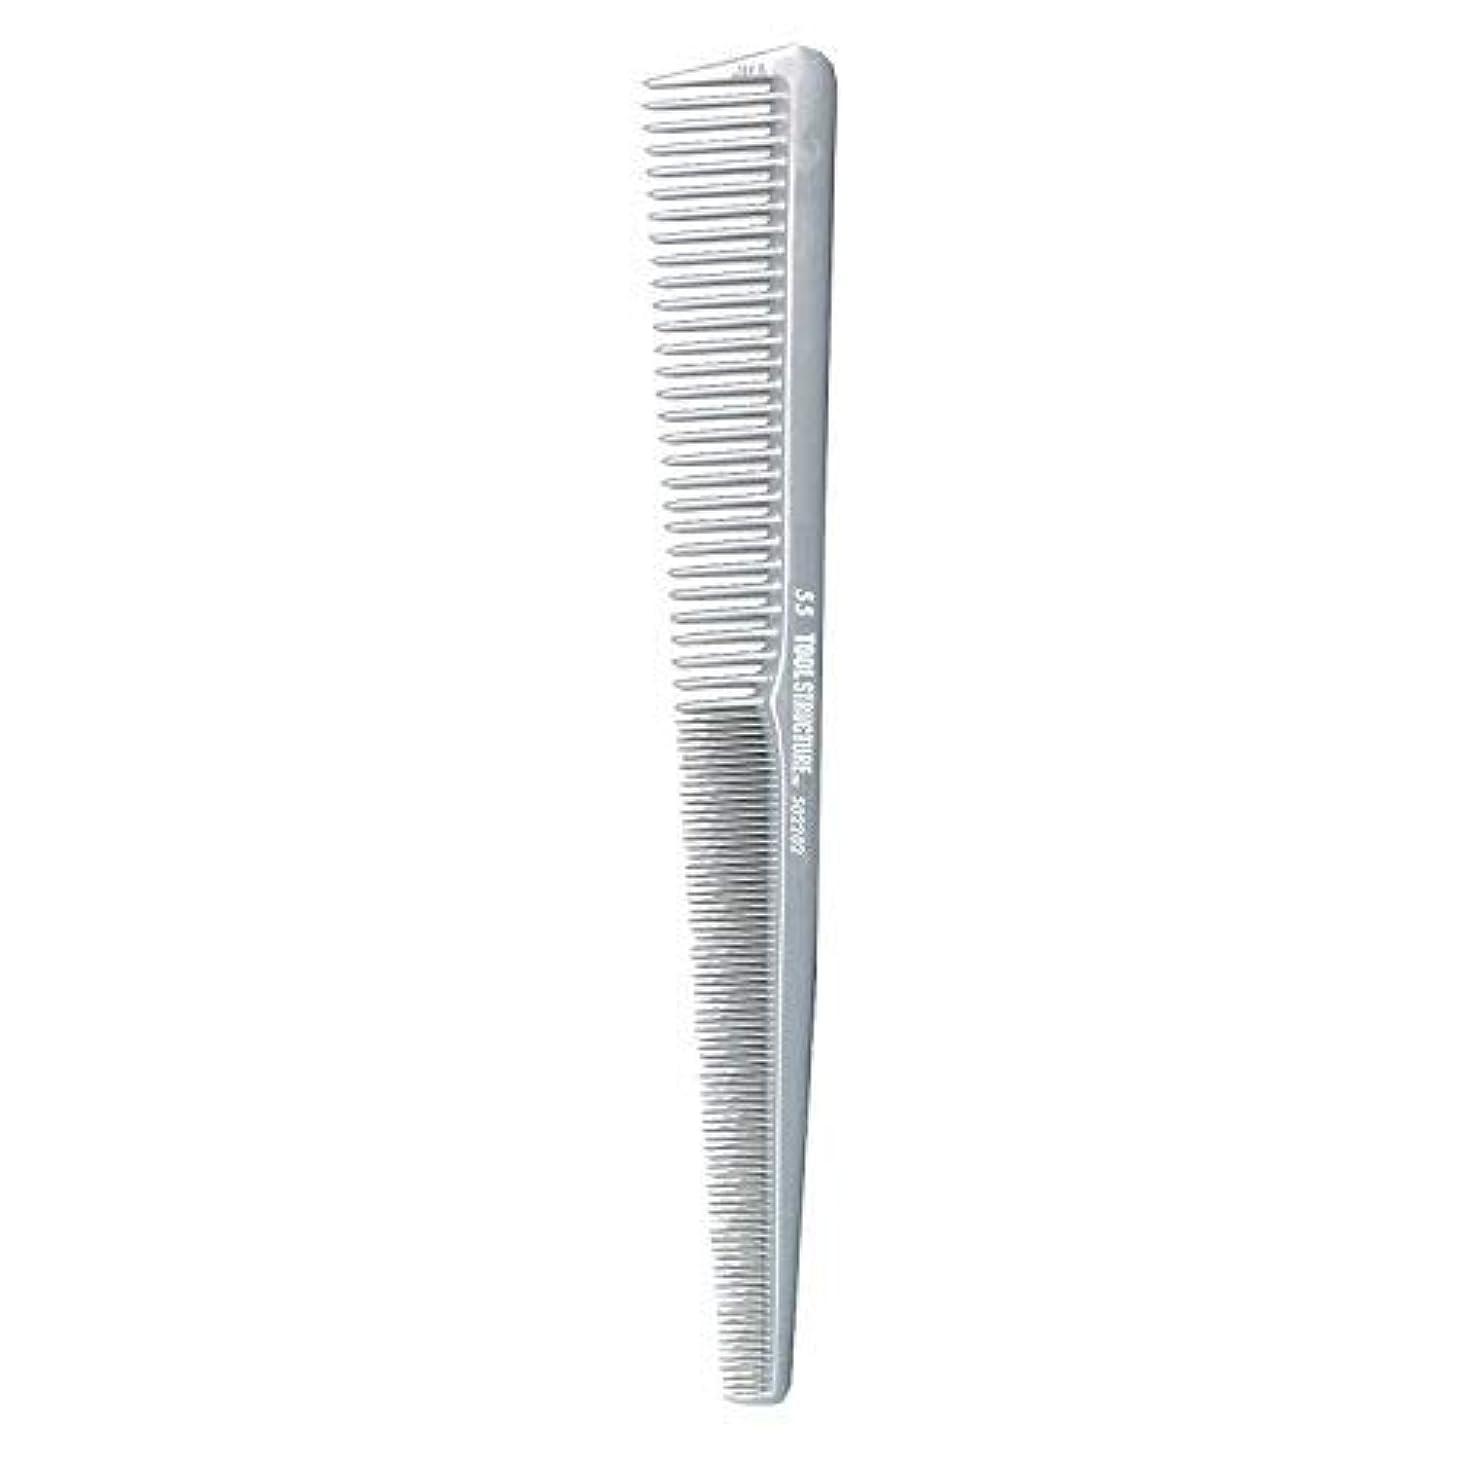 発生レビュアー変換Tool Structure Barber Comb #55 [並行輸入品]